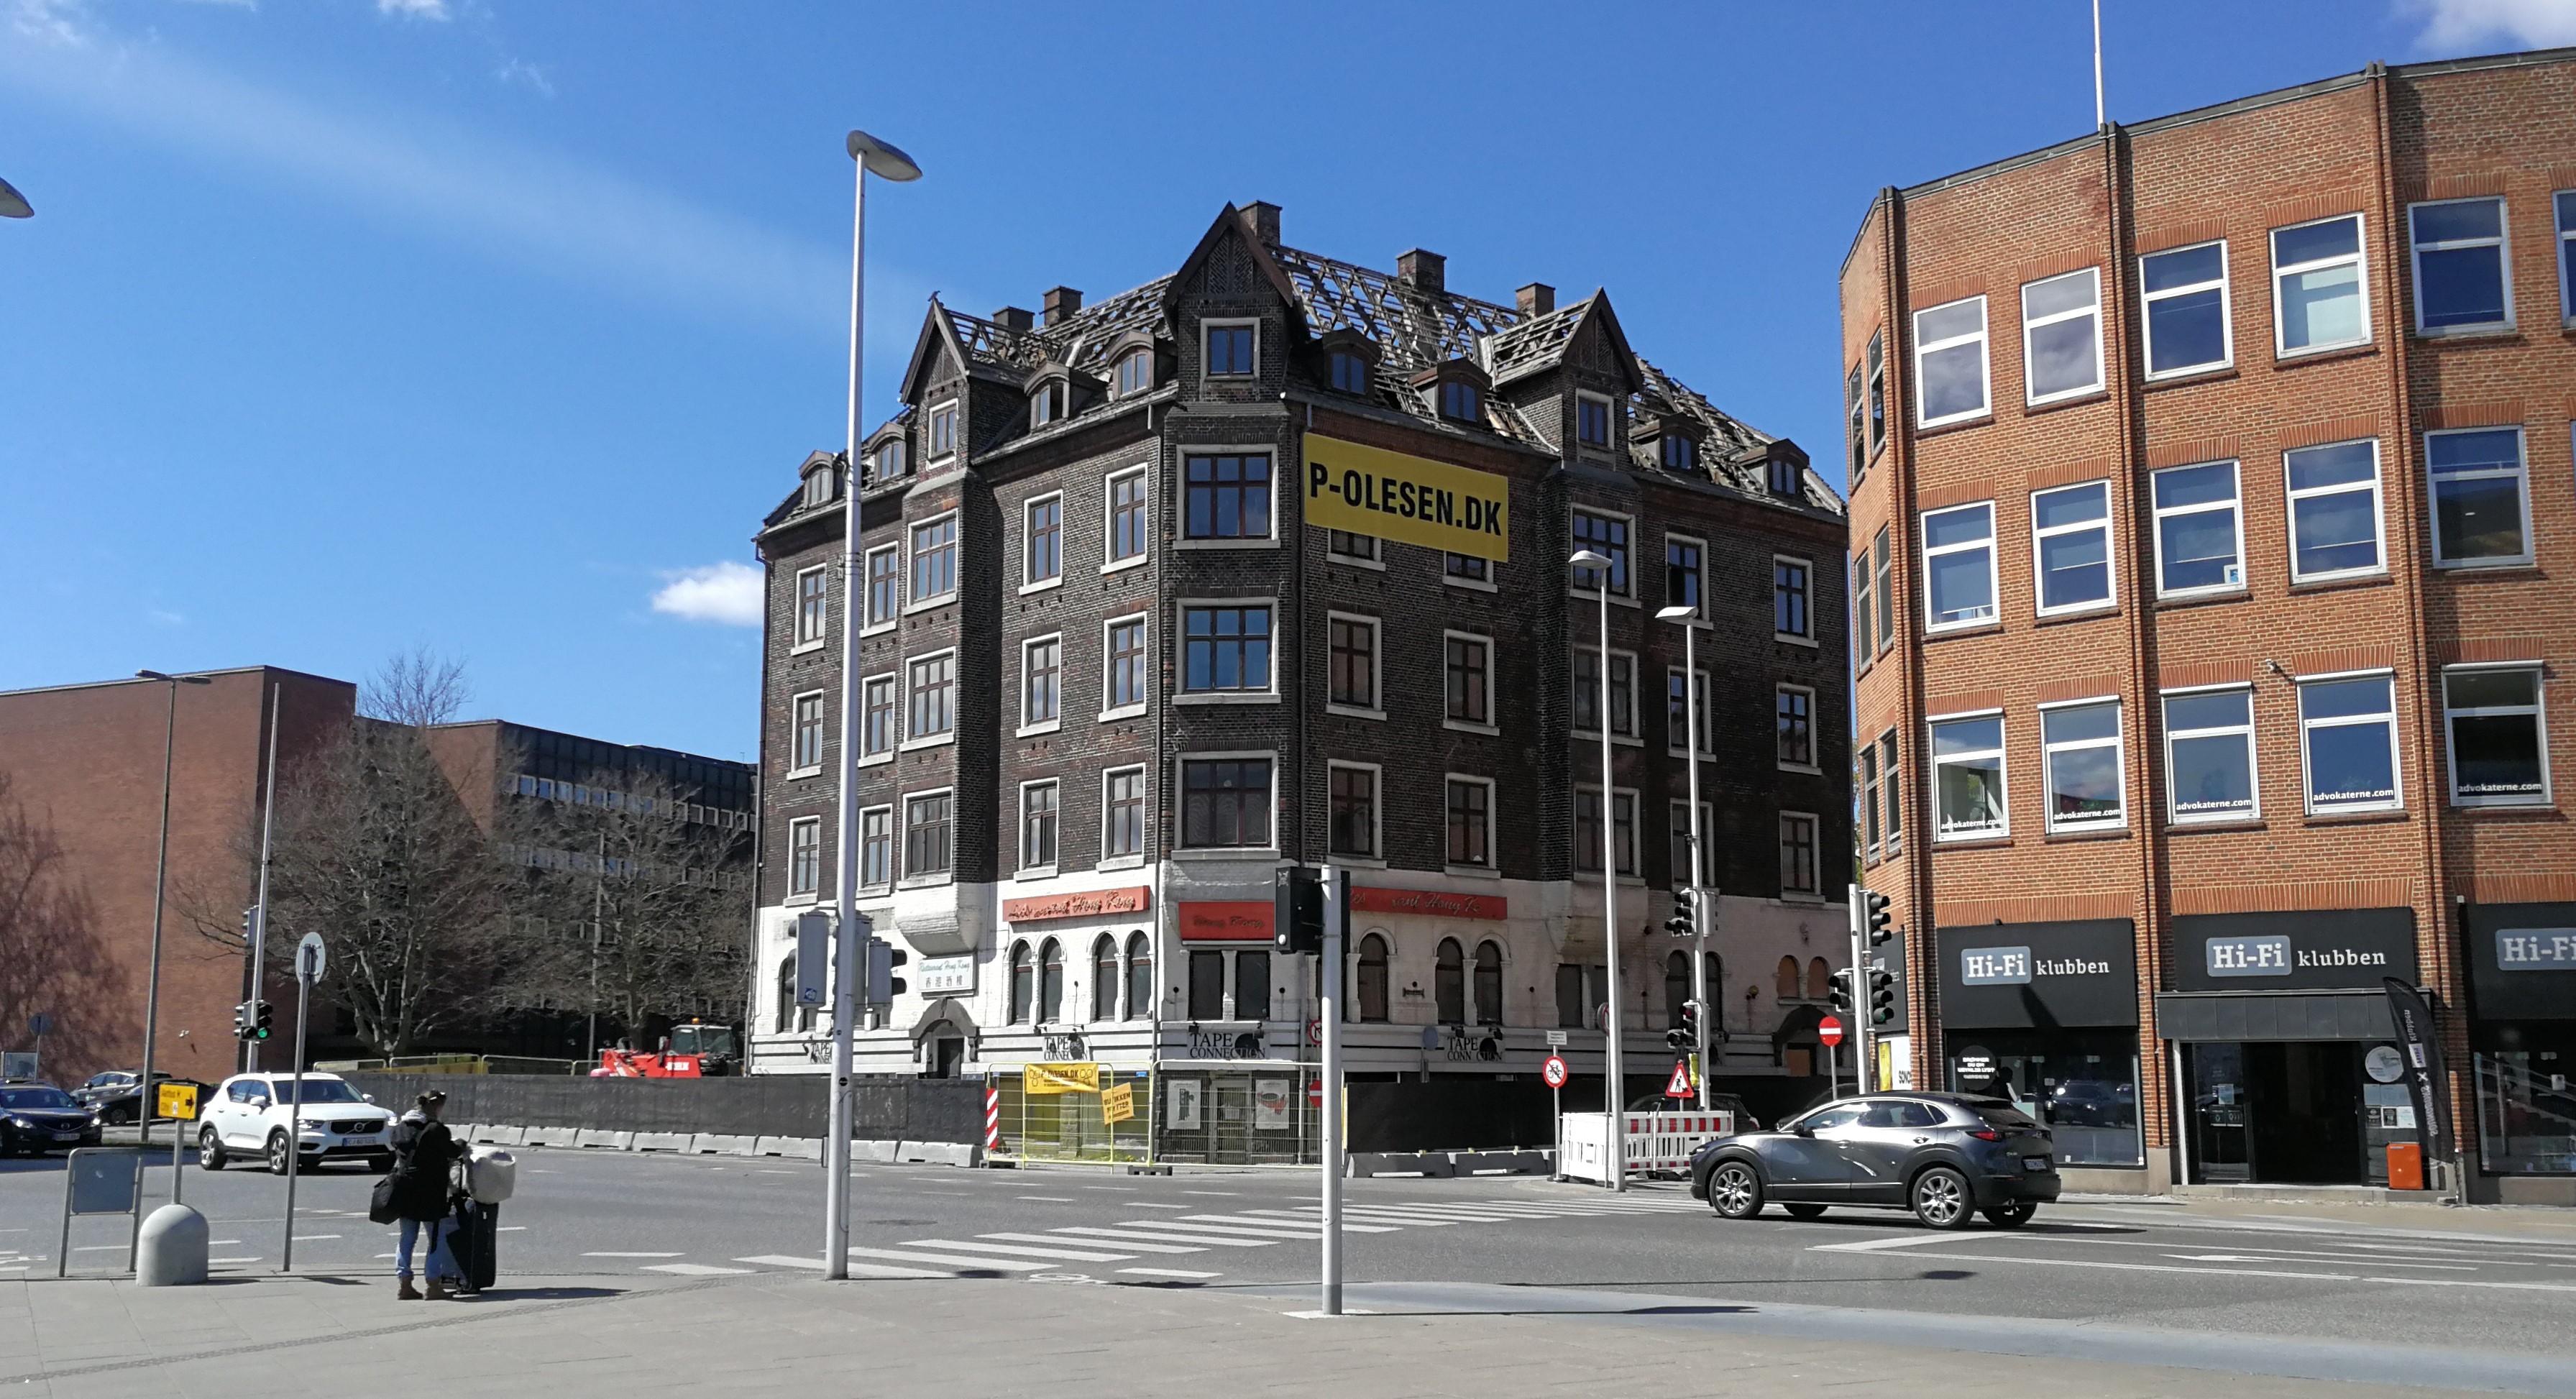 Bygning Jomsborg - nu revet ned